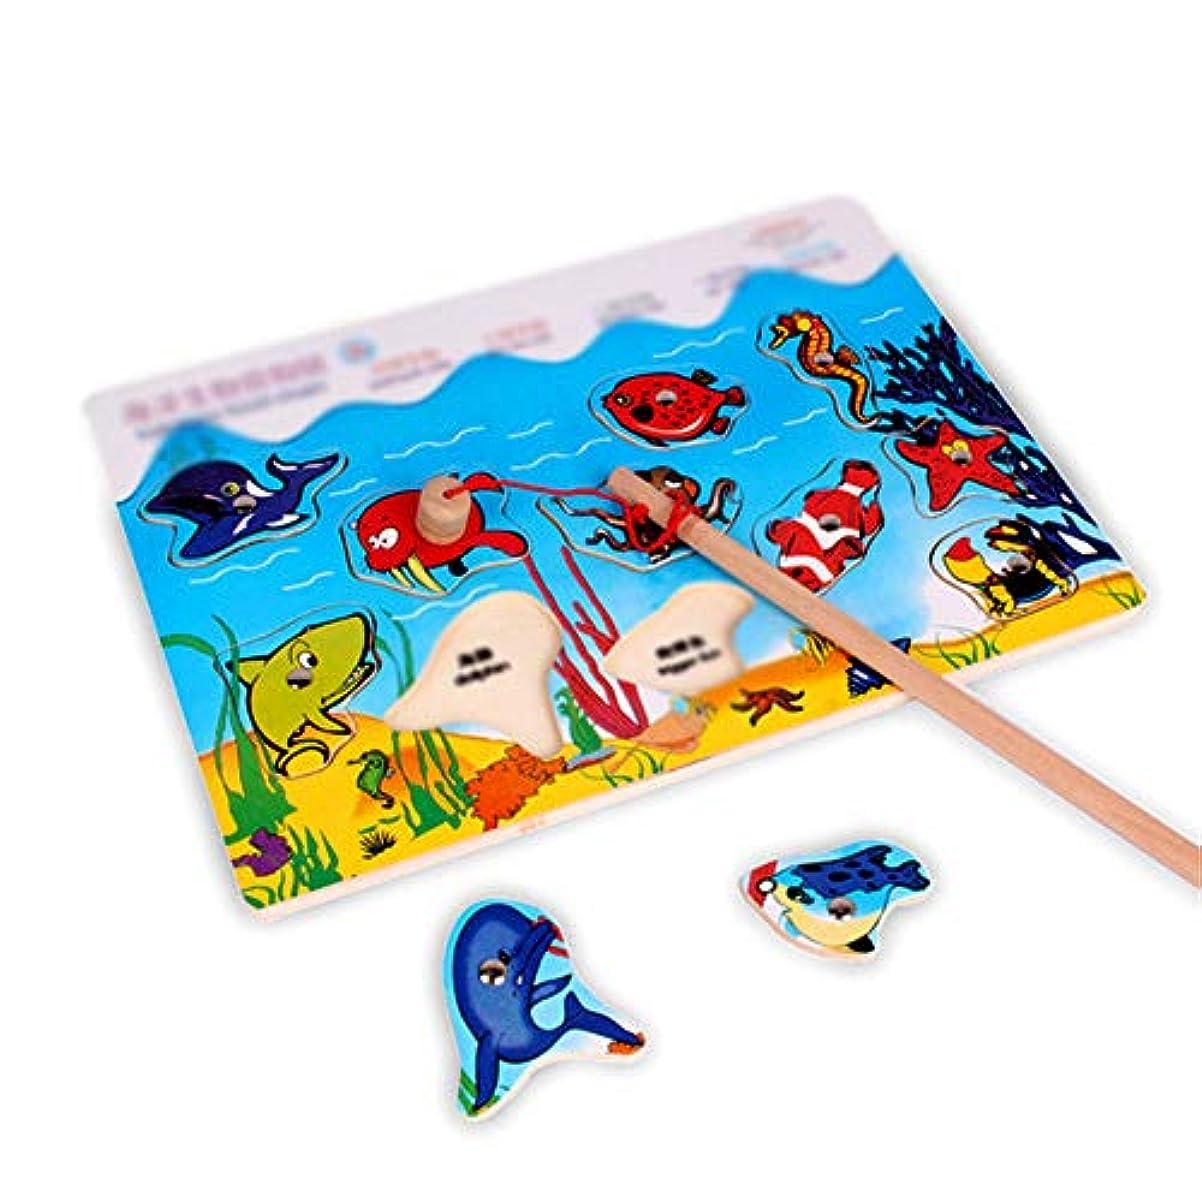 神聖流行している促す木製ファンシー磁気釣りゲームマリンフードチェーン親子インタラクティブゲームおもちゃ 数学知育玩具